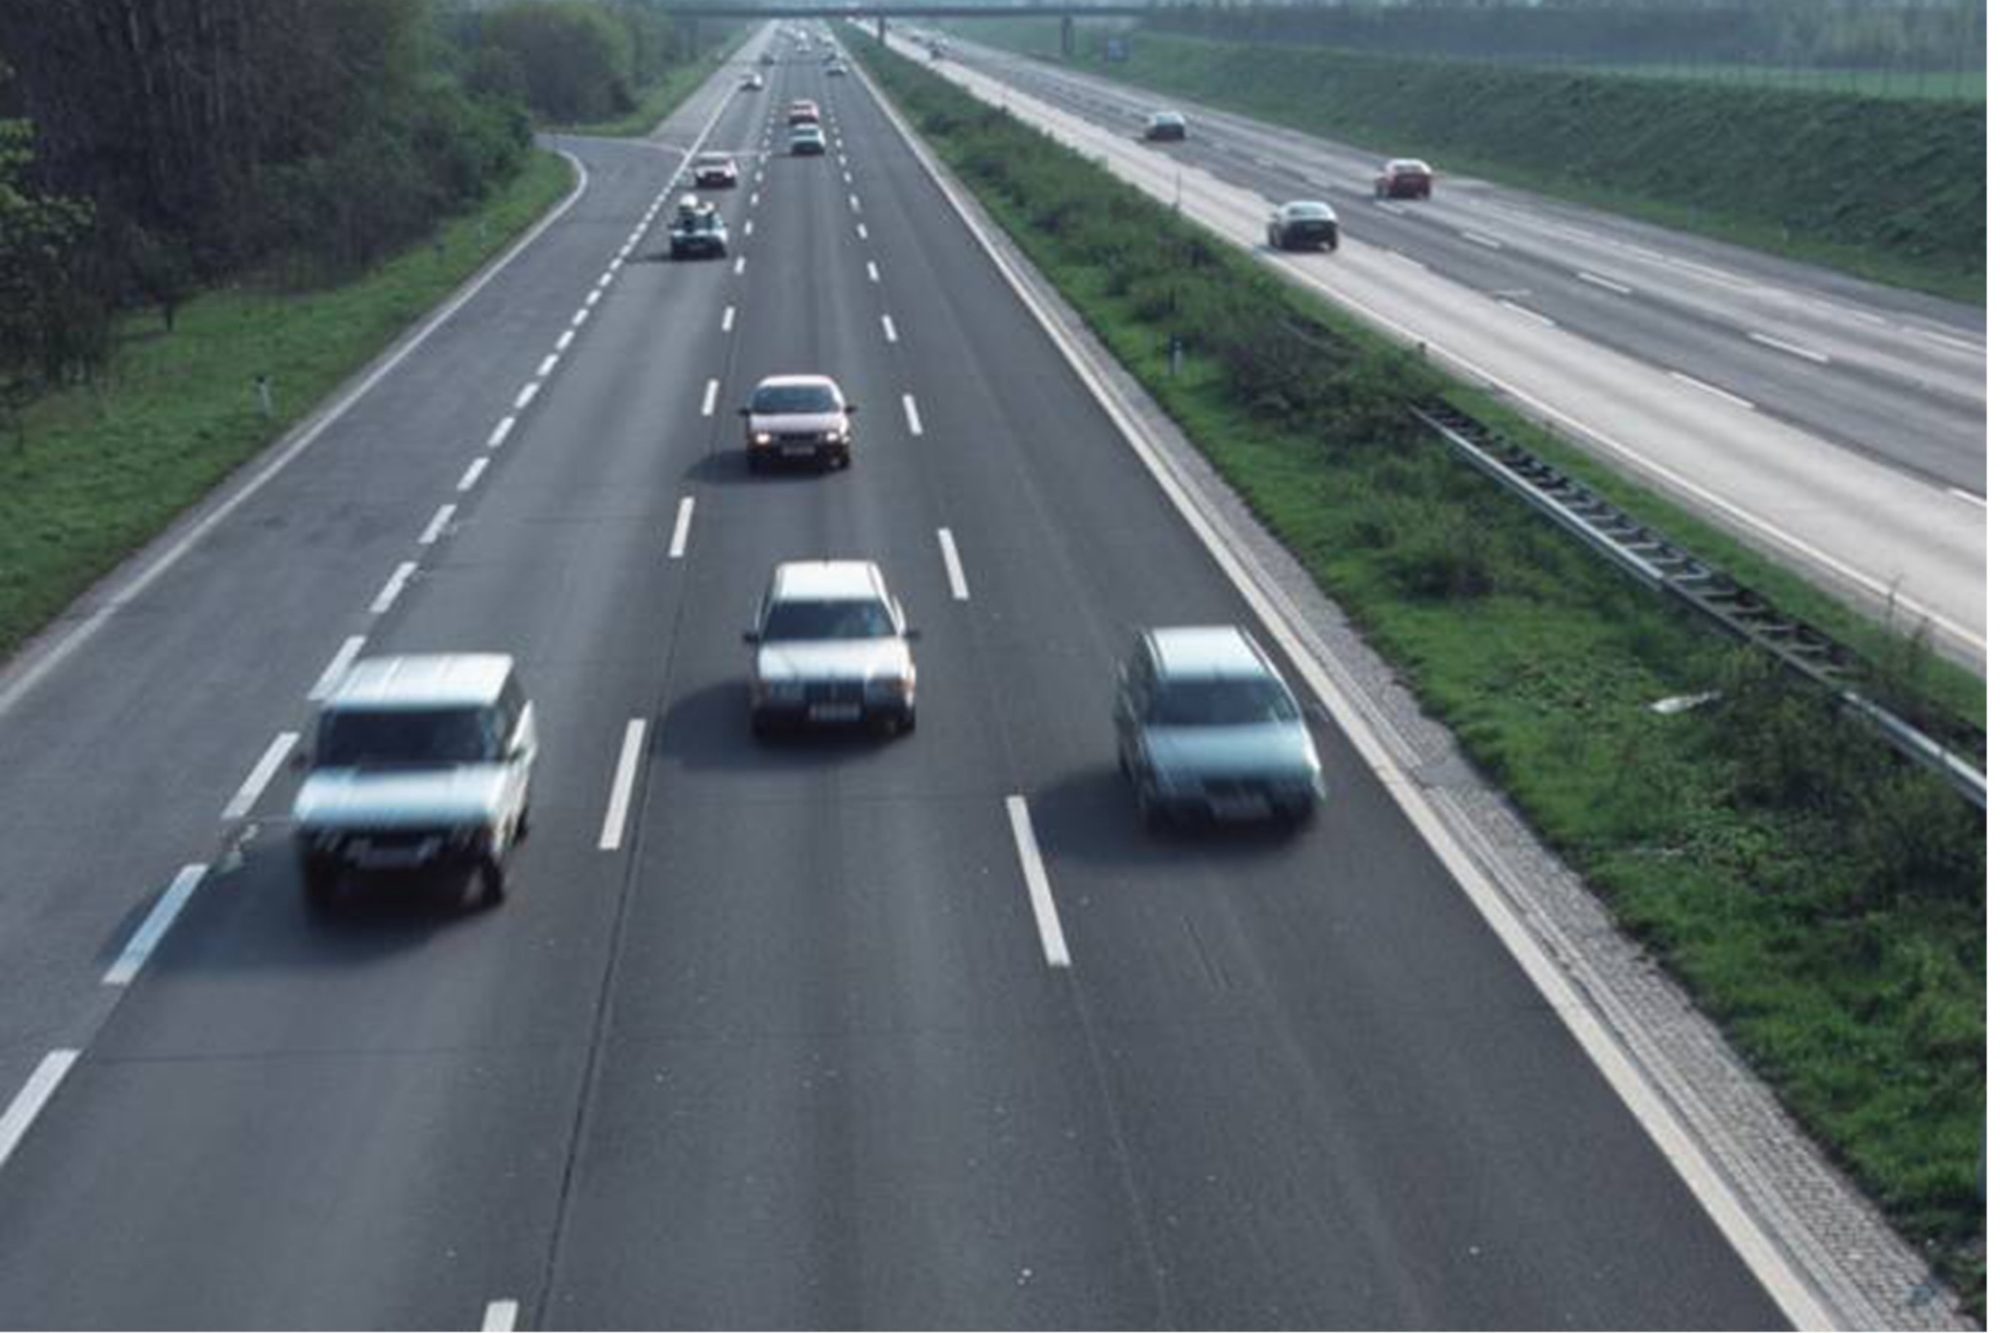 Recht: Lkw-Fahrer muss Abstand der Fahrbahnmarkierungen nicht kennen - Was ein Fahrer nicht wissen muss